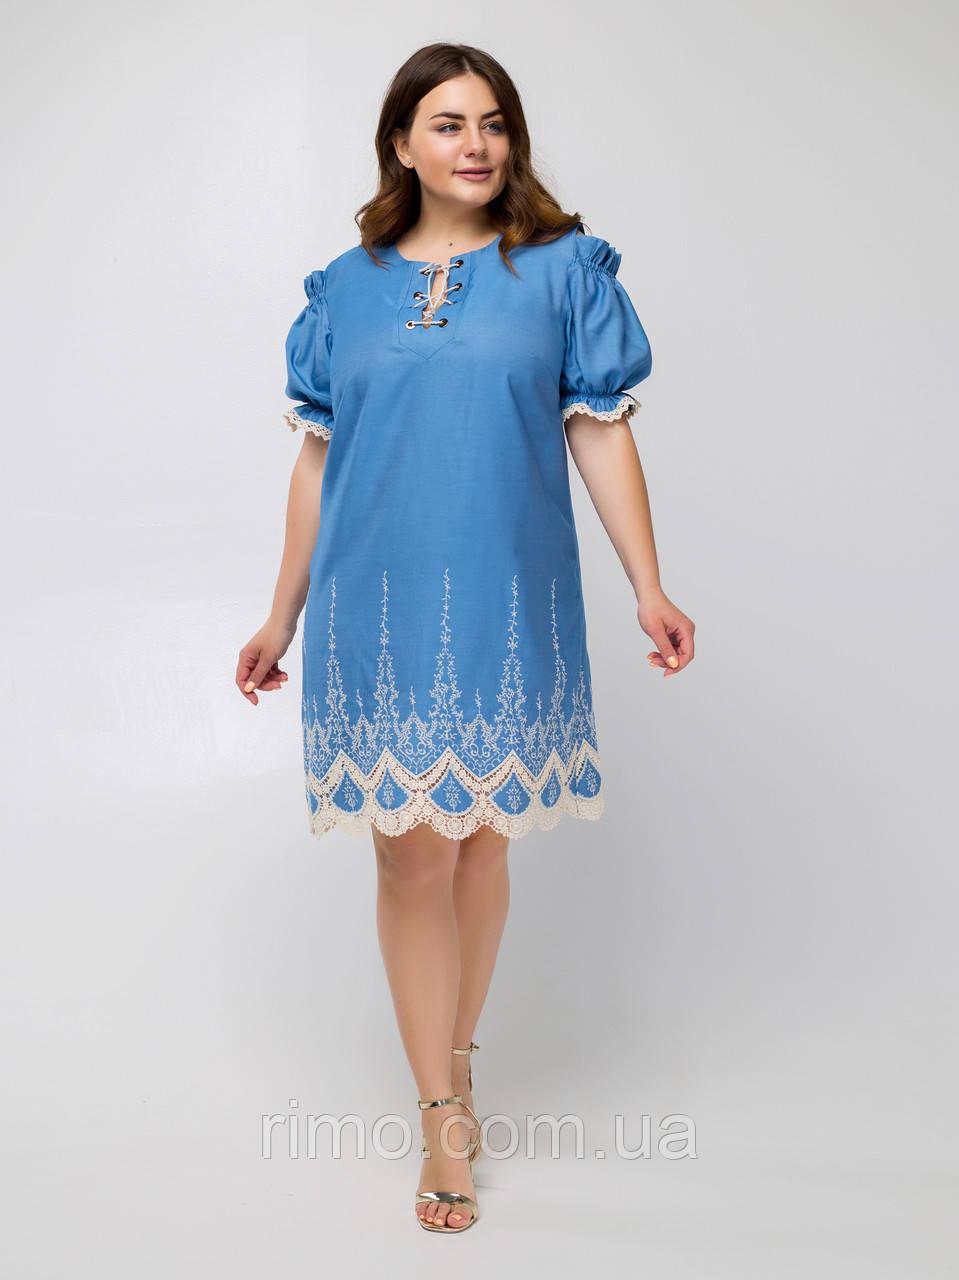 Плаття літнє великого розміру Надін